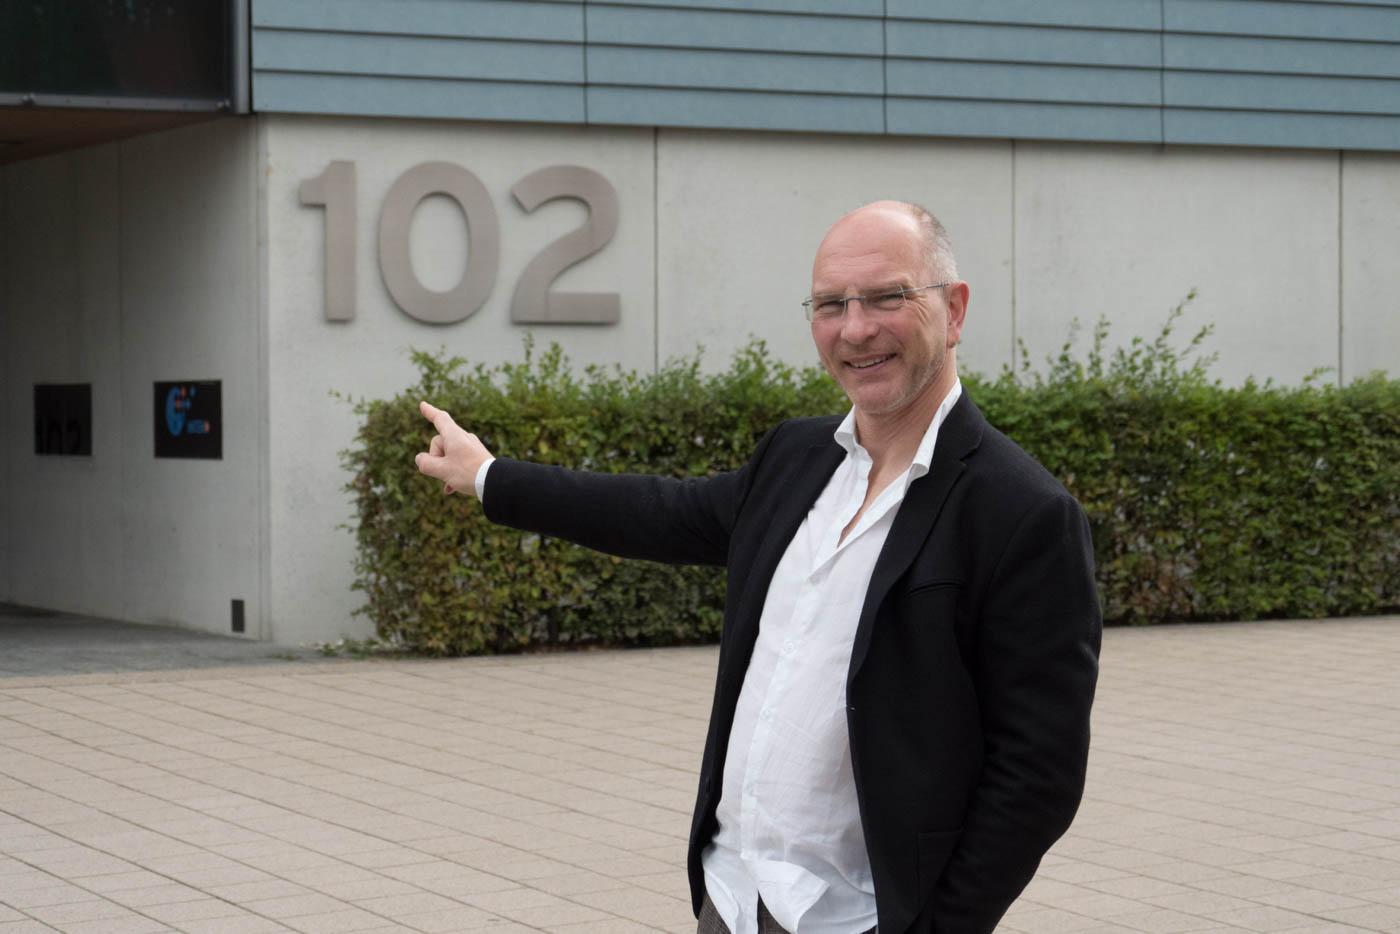 Herr Stieglitz weist auf Gebäude 102